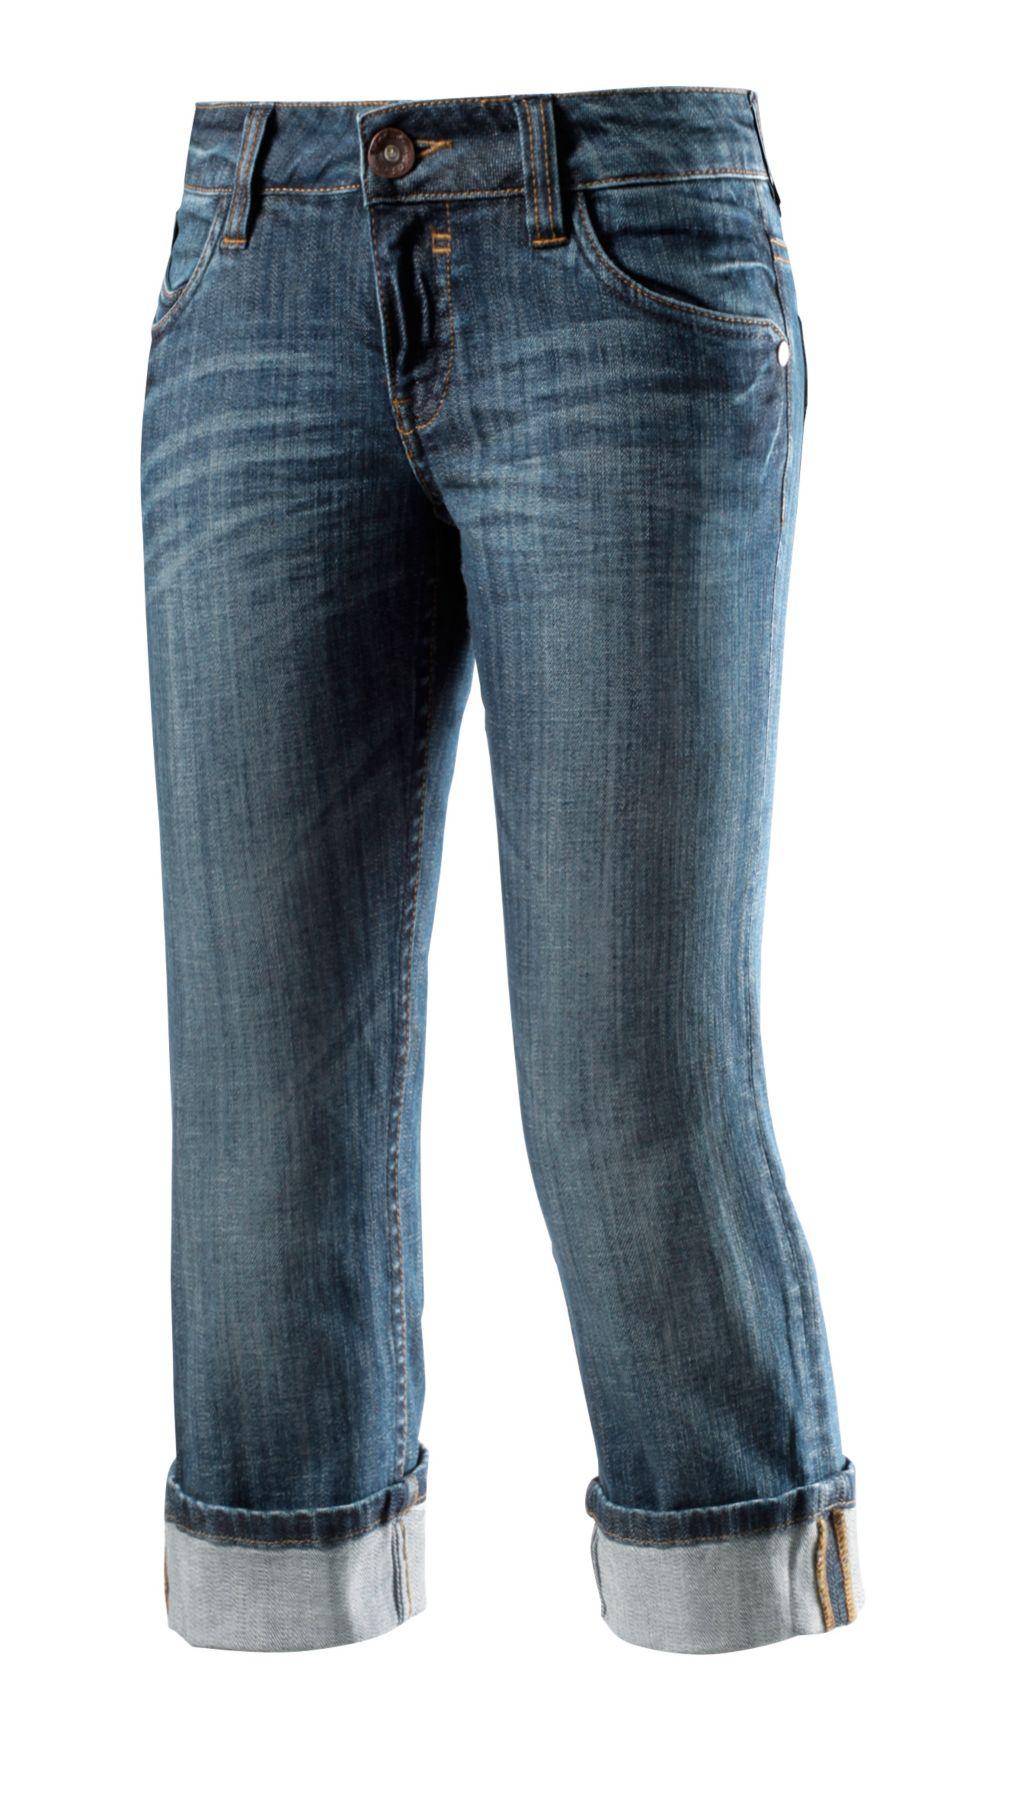 s oliver reena skinny fit jeans damen grau used denim im. Black Bedroom Furniture Sets. Home Design Ideas